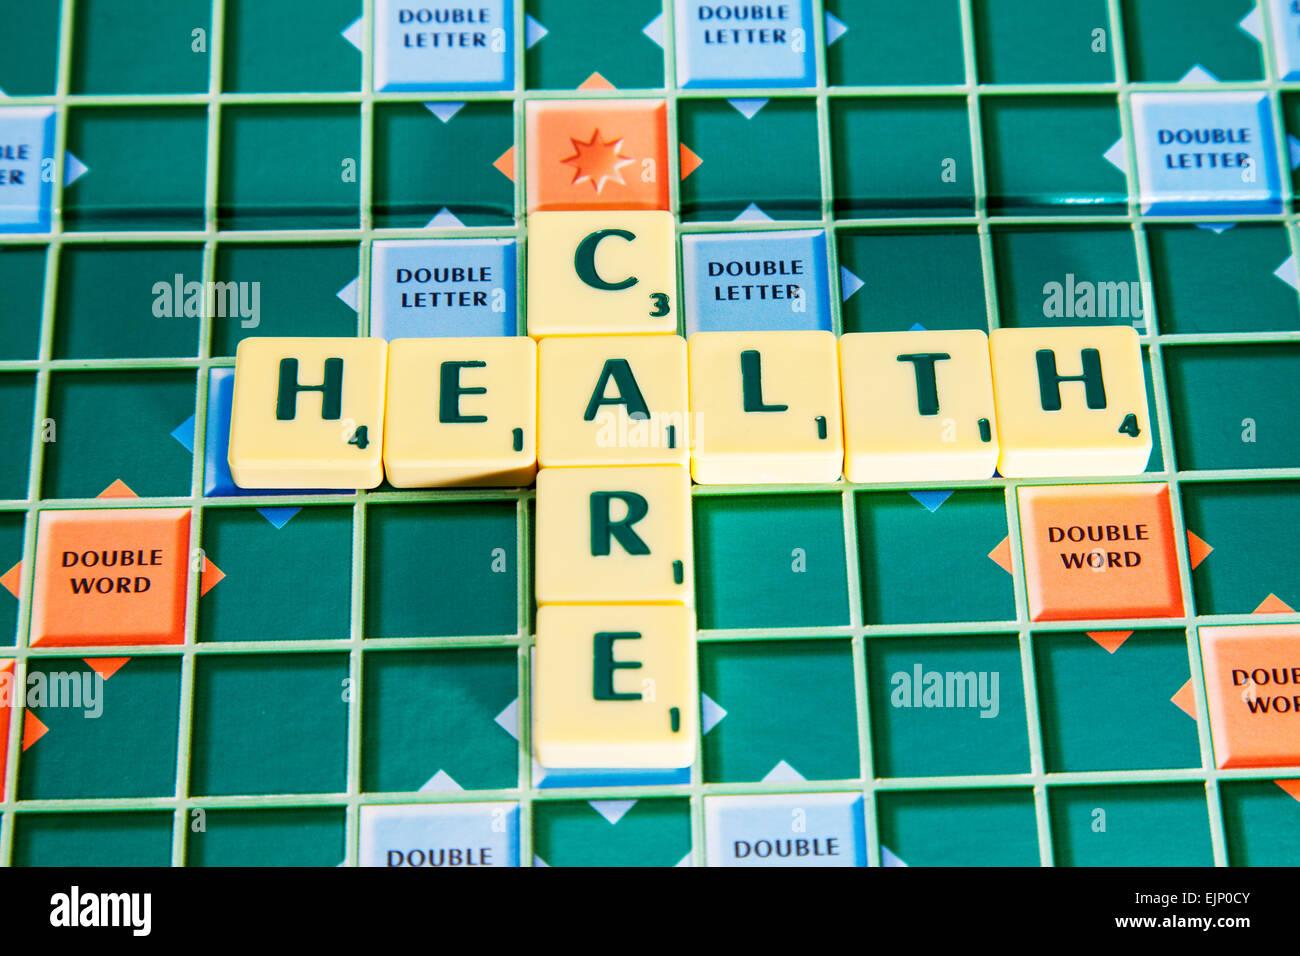 Health care nhs Krankenhaus Krankenhäuser Ärzte Wörter mit Scrabble Fliesen um Schreibweise zu veranschaulichen Stockbild